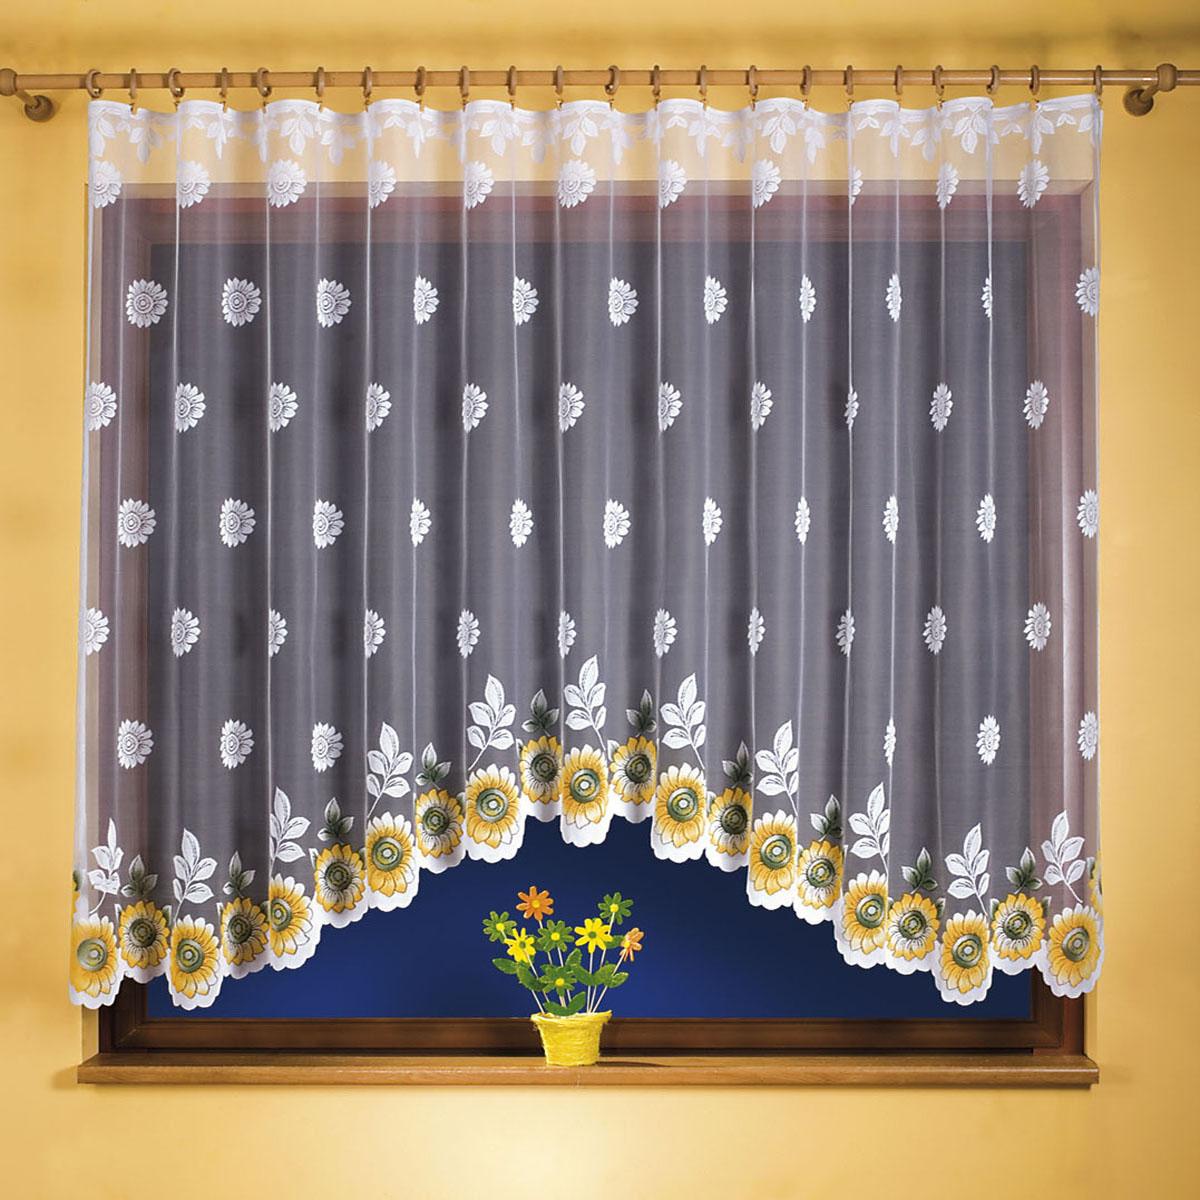 Гардина Wisan, цвет: белый, ширина 300 см, высота 150 см. 9770ES-412Гардина жаккардовая, крепление зажимы для штор.Размеры: ширина 300*высота 150